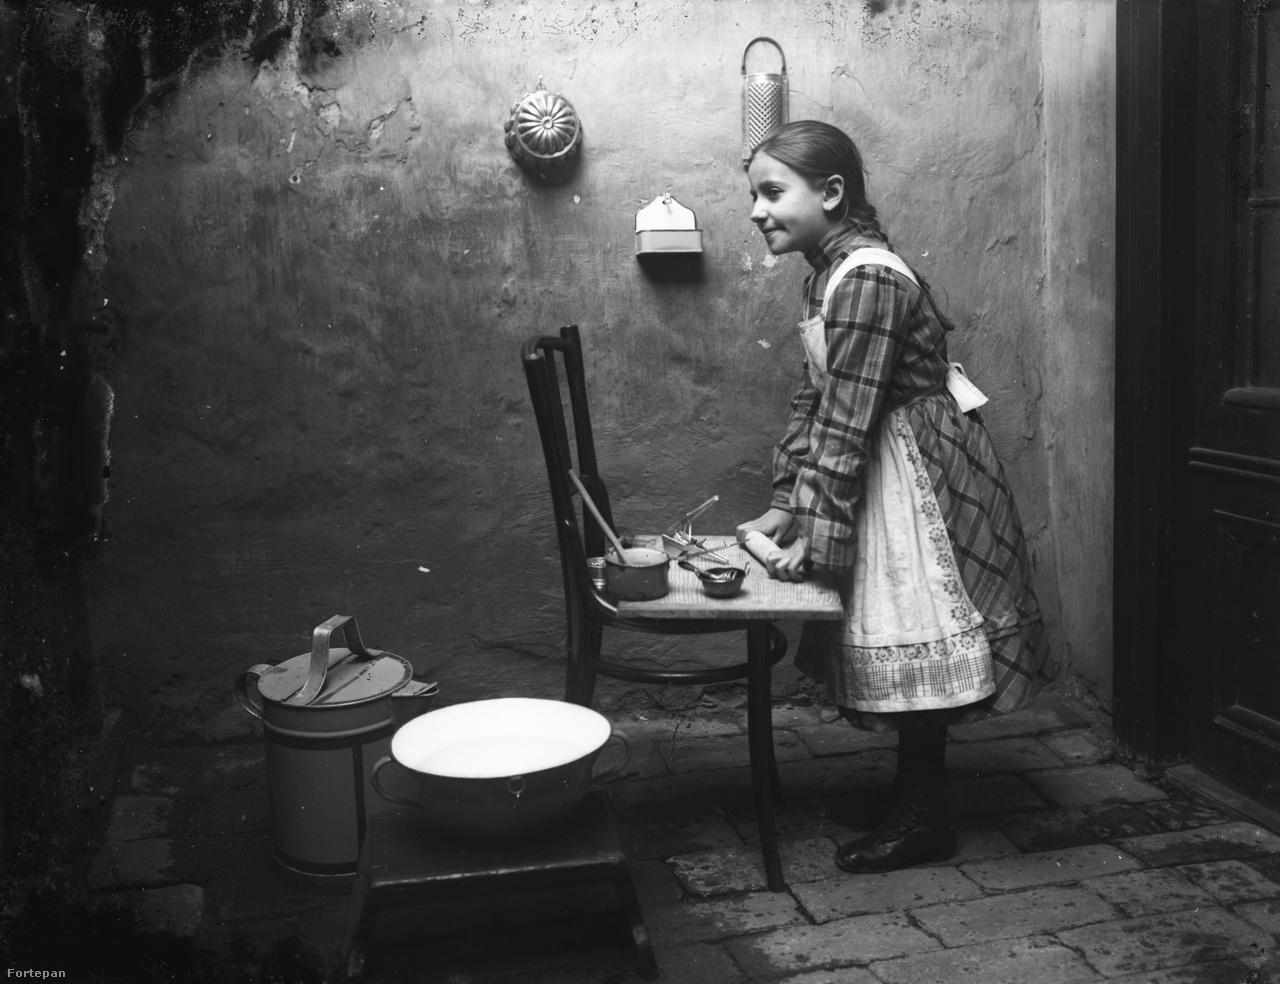 """A lányok házi angyallá képzését a lehető legkorábban megkezdték. Akkoriban a házasulandó ifjak szép fogattal, az eladósorban lévő kisasszonyok pedig a háziasságukkal hódítottak. Minden ambíciójukat és buzgalmukat az éléskamra, a padlás, a pince, a fehérneműs szekrények felügyeletében élték ki. A főzéstudománynak nagyobb hasznát vették, mint a latin igéknek. """"Lehet, hogy szíve nem minden férfinak van, de gyomra mindegyiknek"""" – mondta állítólag Jókai. És tudta ezt Jókainé Laborfalvi Róza is, aki a színpadról lelépve hagyománykövető és jó háziasszony volt. Egyszerűen jól állt a kezében a munka, ezzel nemcsak férjét, de még szigorú anyósát is meghódította."""